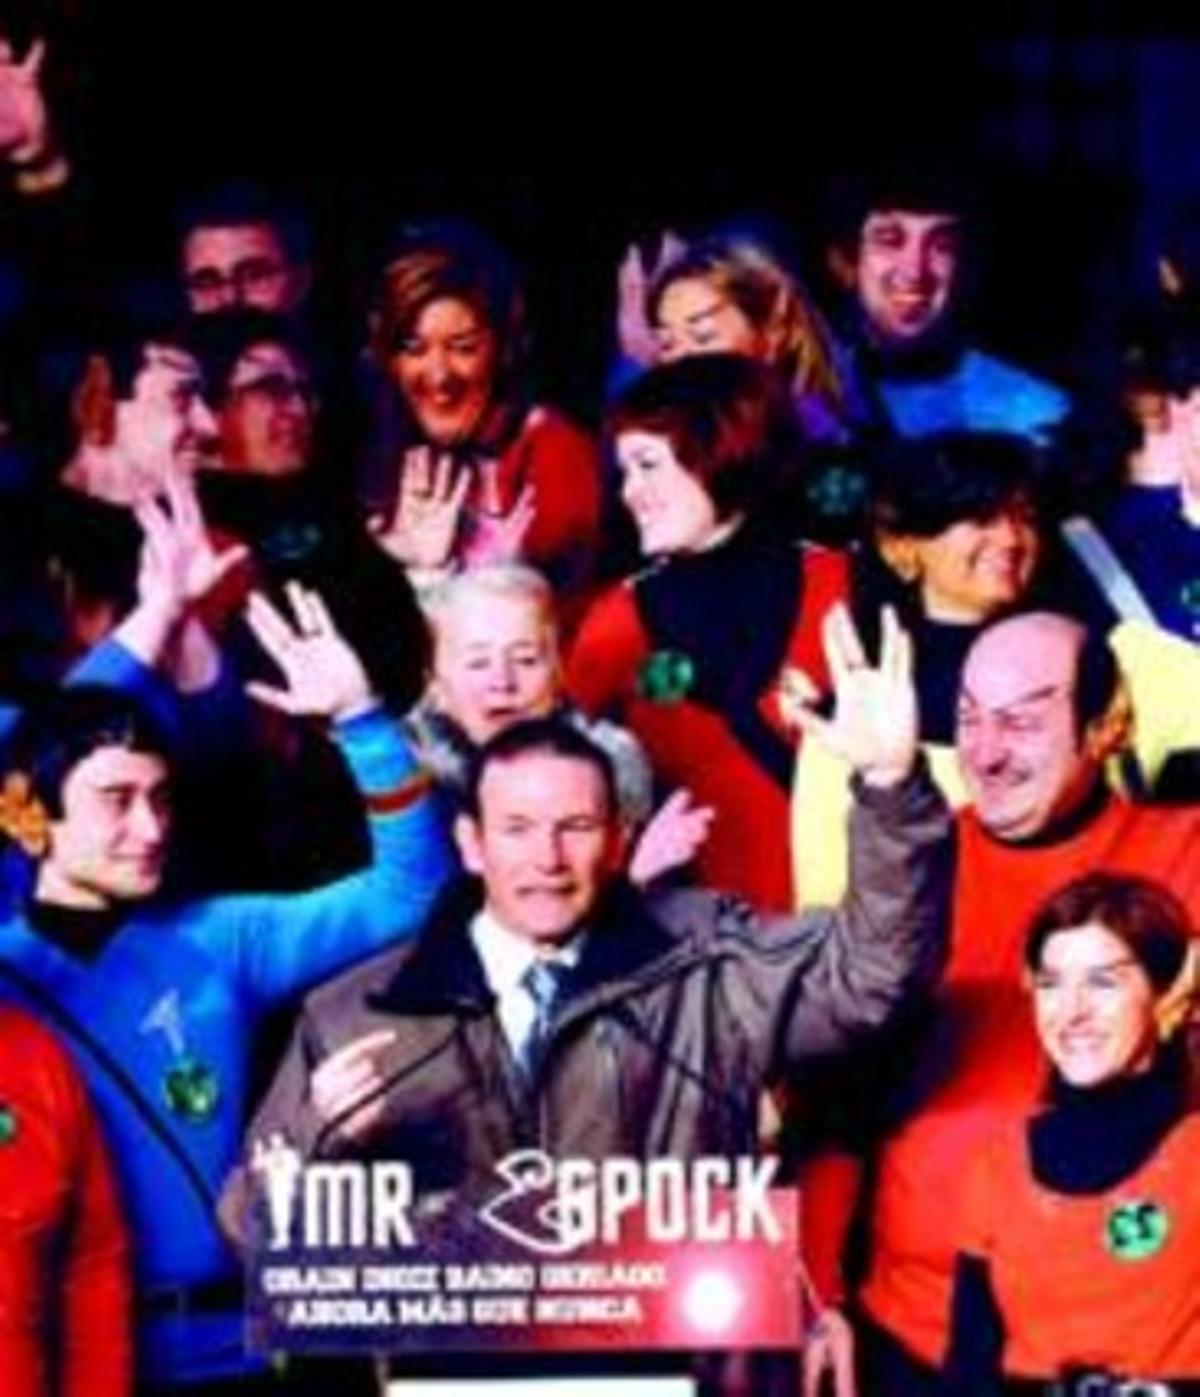 Jolgorio vespertino. Ibarretxe y jóvenes de su partido imitan el gesto característico del comandante Spock, personaje de Star Trek.